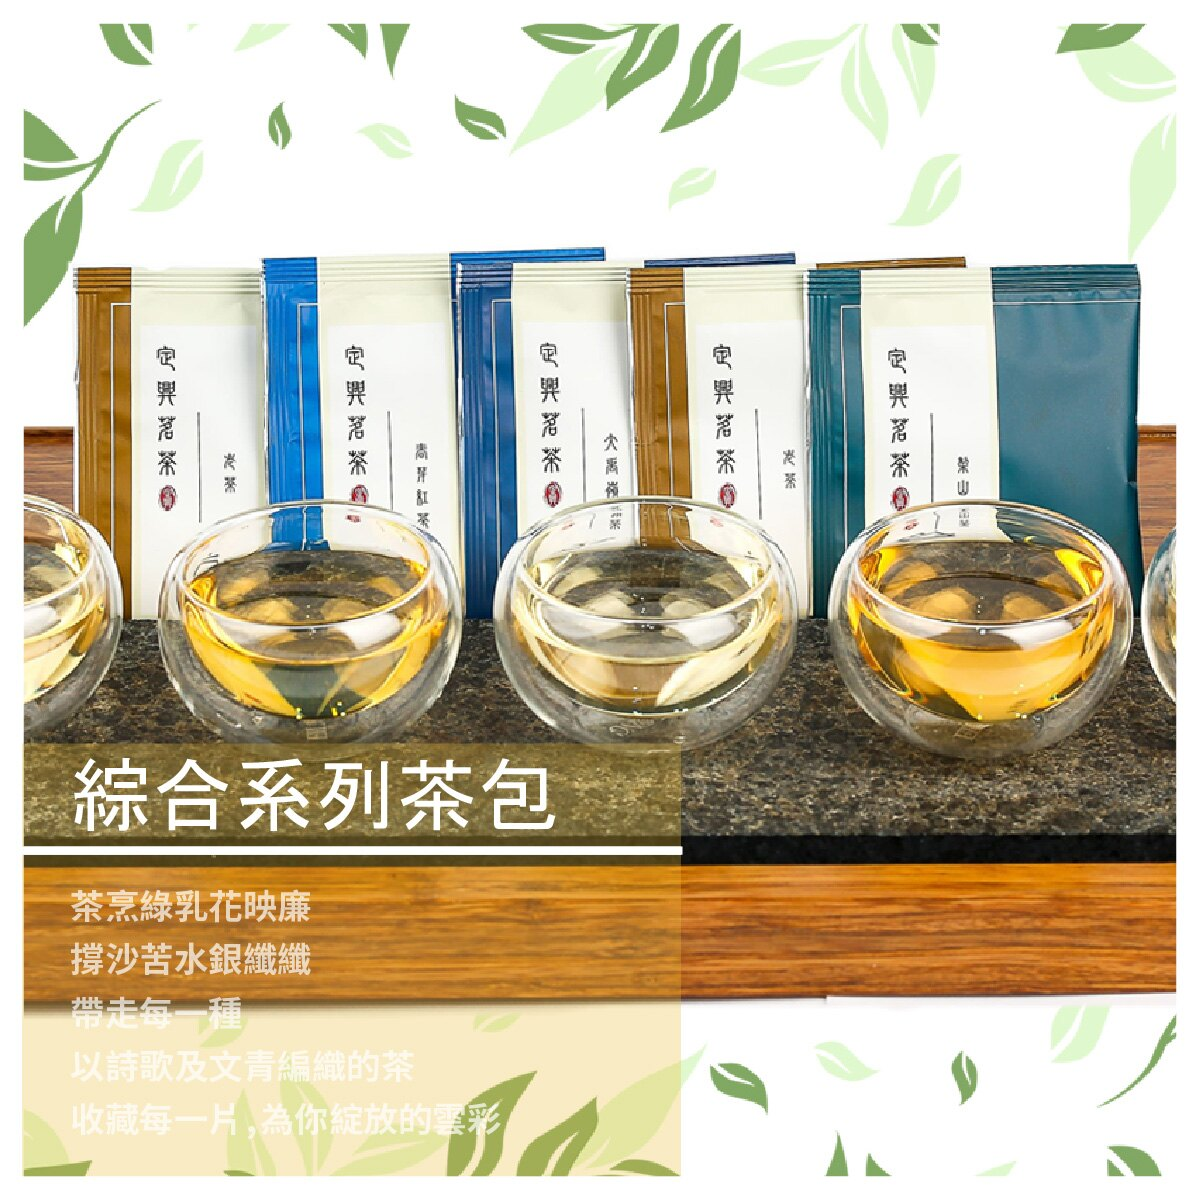 【定興茗茶-興道茶】綜合系列茶包禮盒